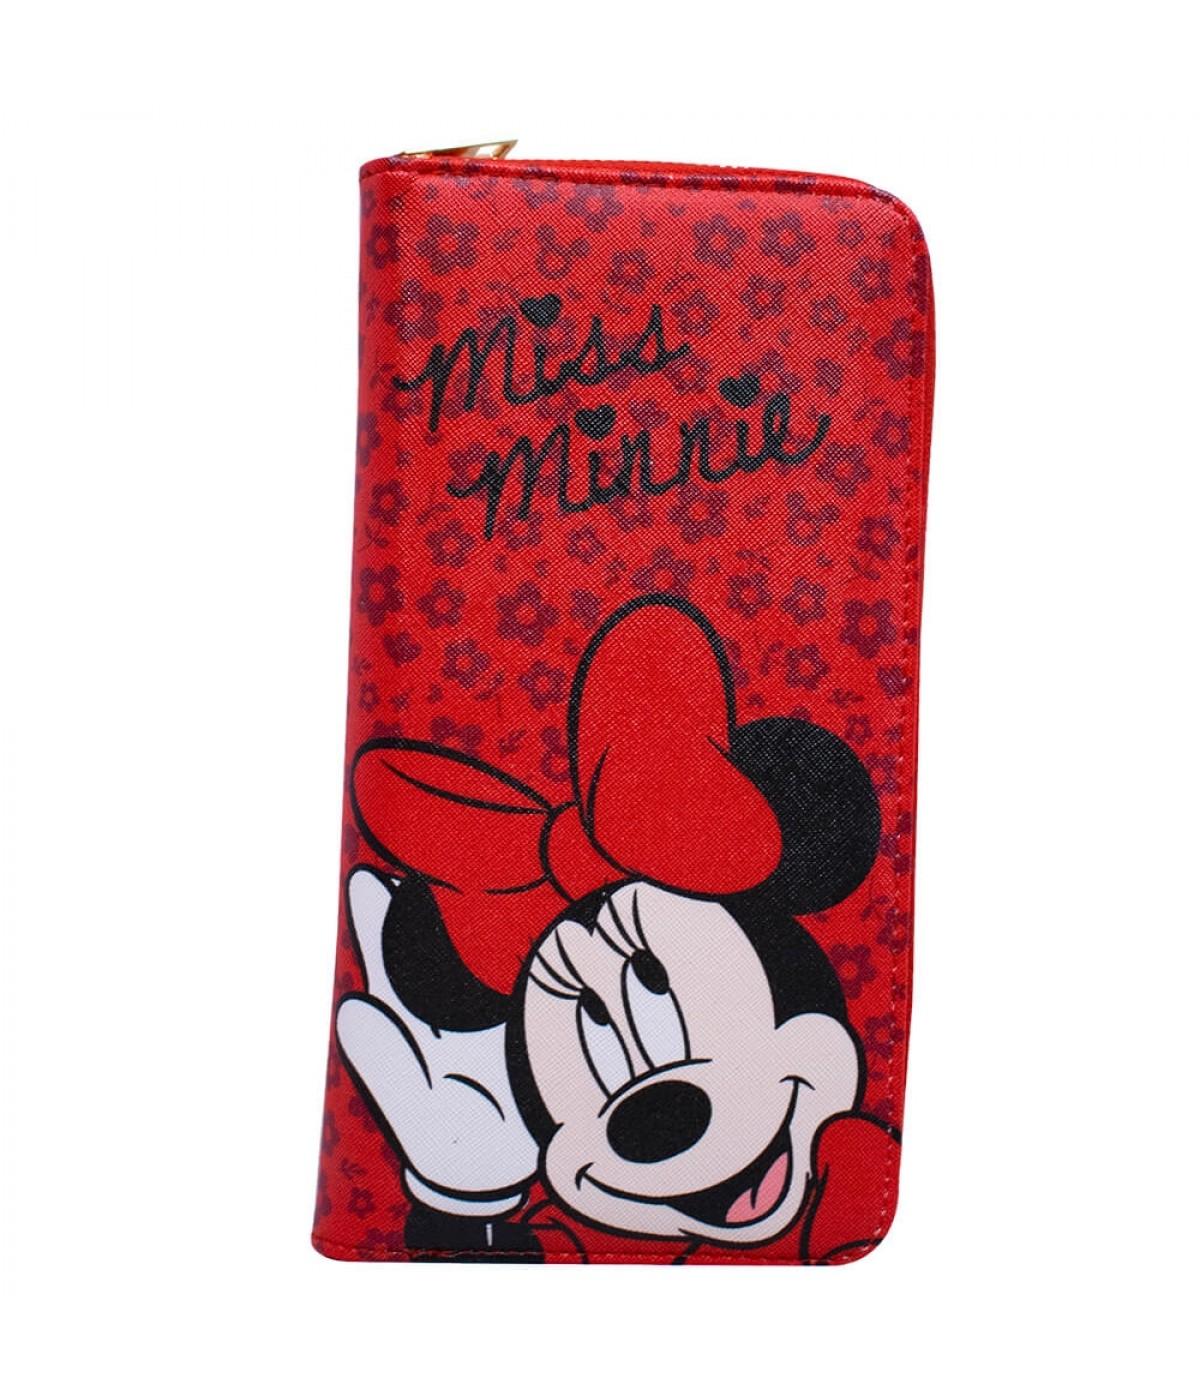 Carteira Vermelha Rosto Minnie 23x12cm Disney Dmg9050f Mk2 D